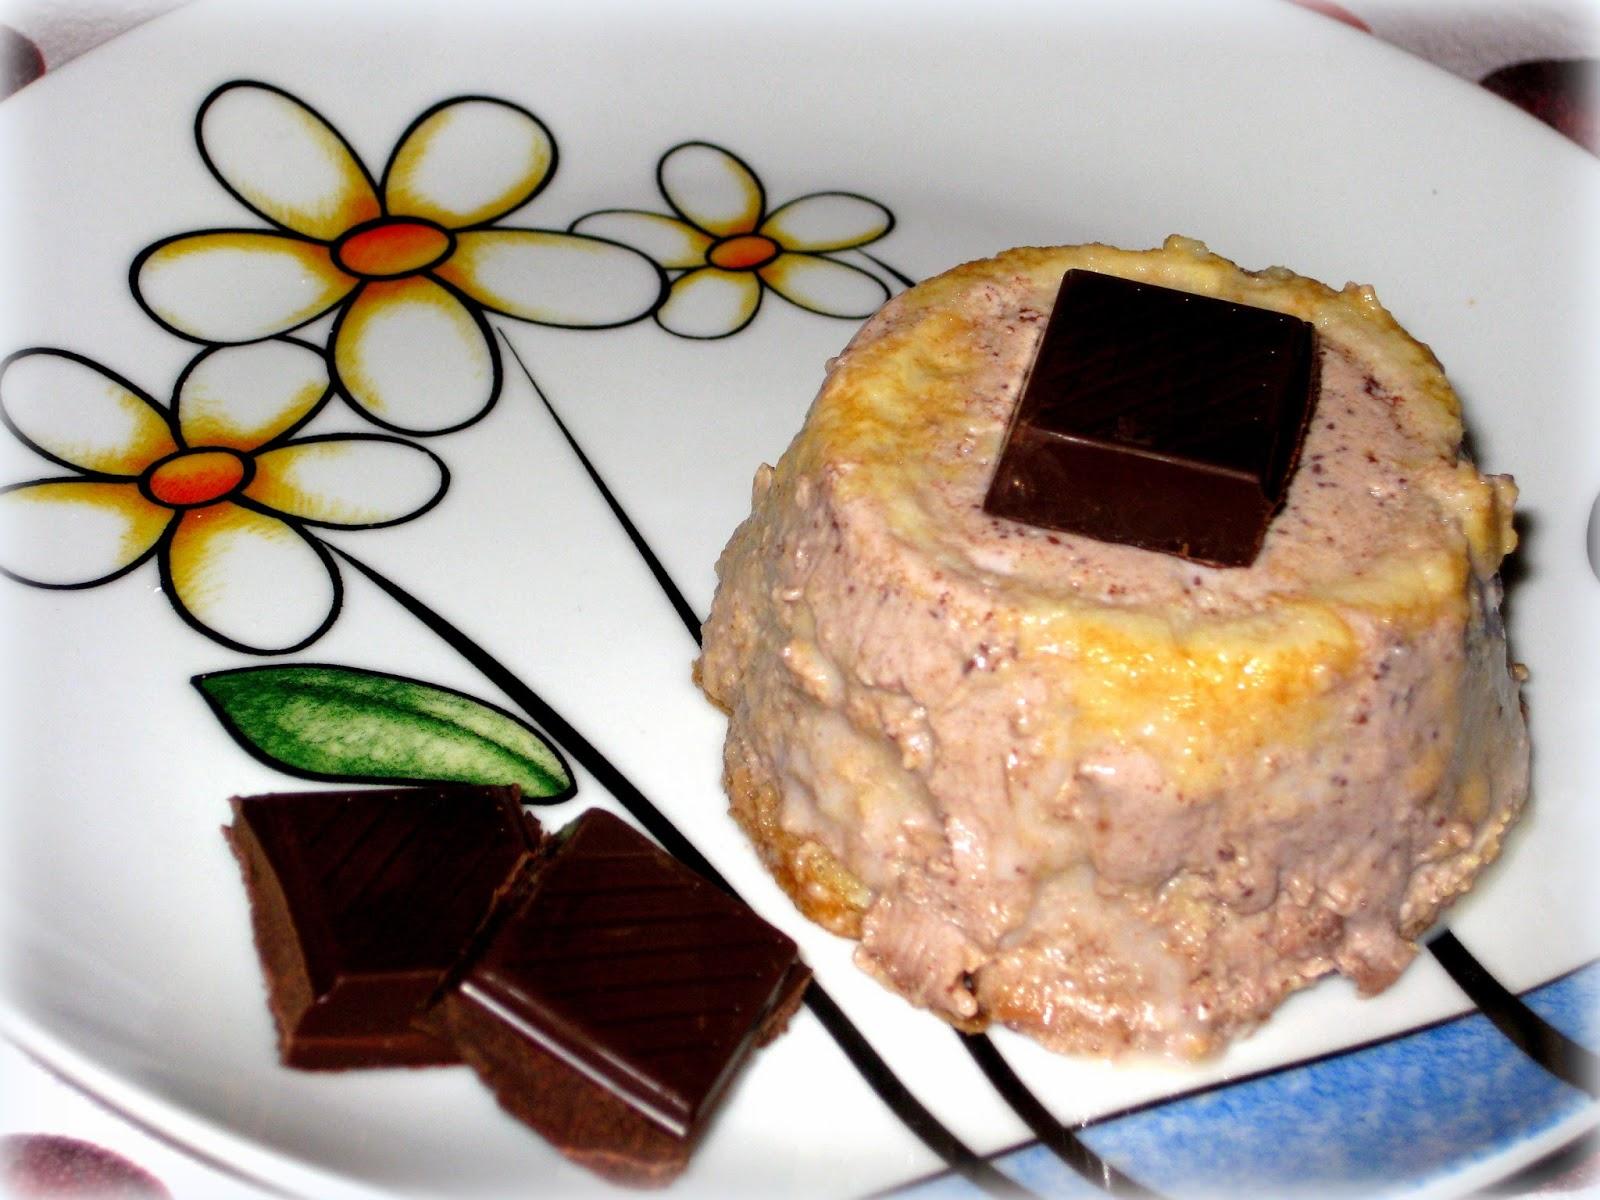 Questa ricetta della panna cotta al cioccolato arricchita con pavesini è un po' speciale oltre che buonissima.